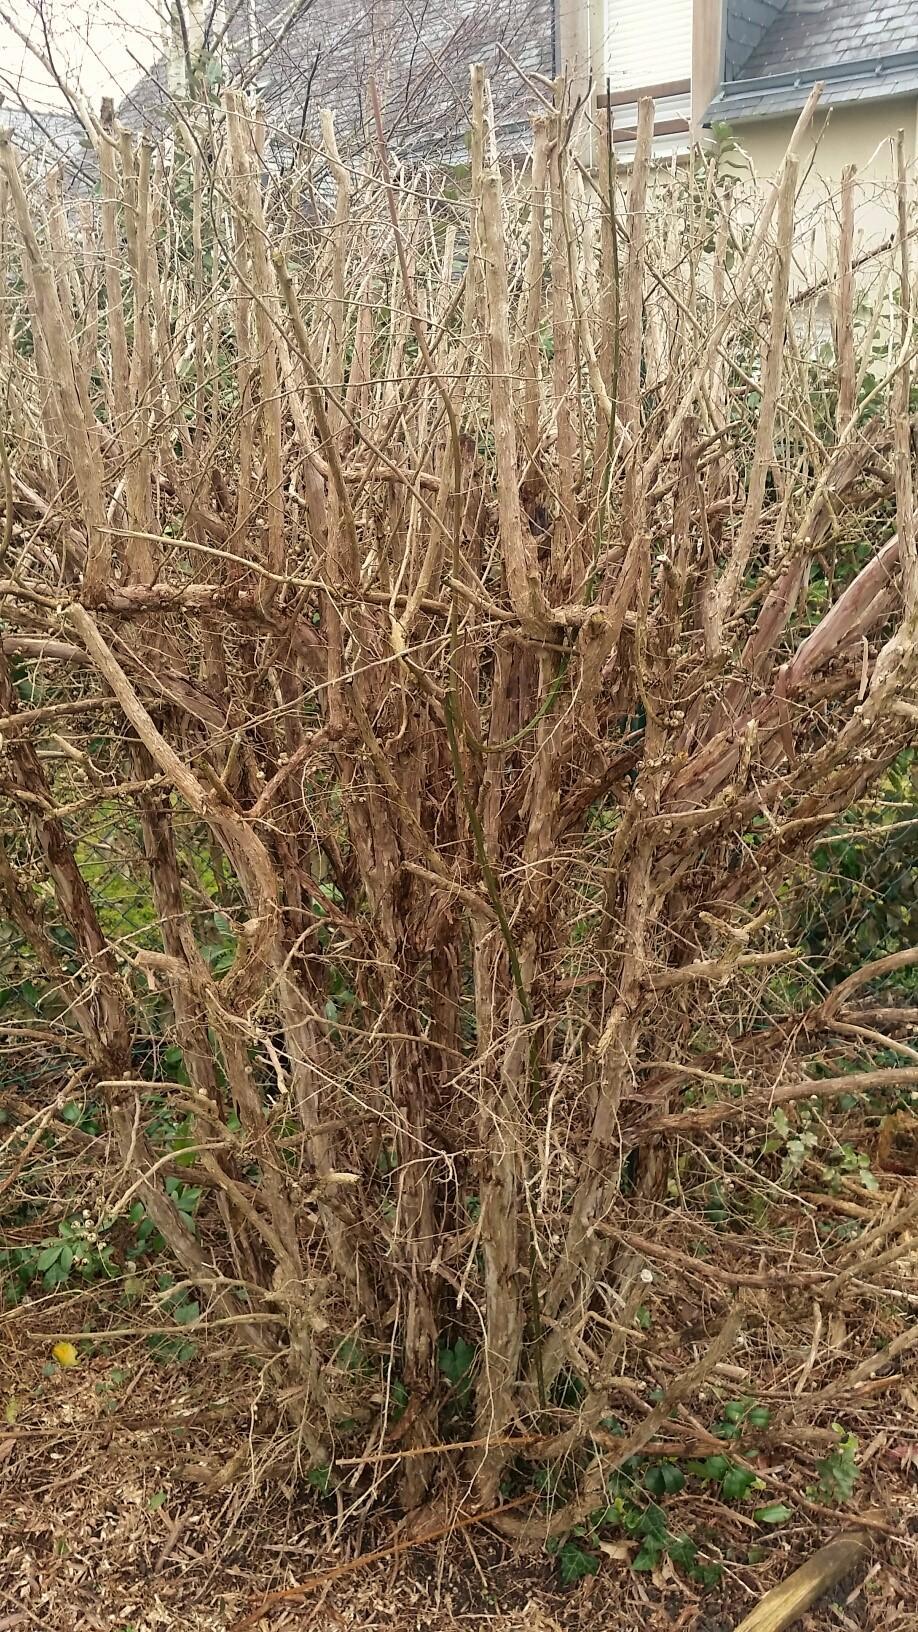 un arbuste avec taille sévère